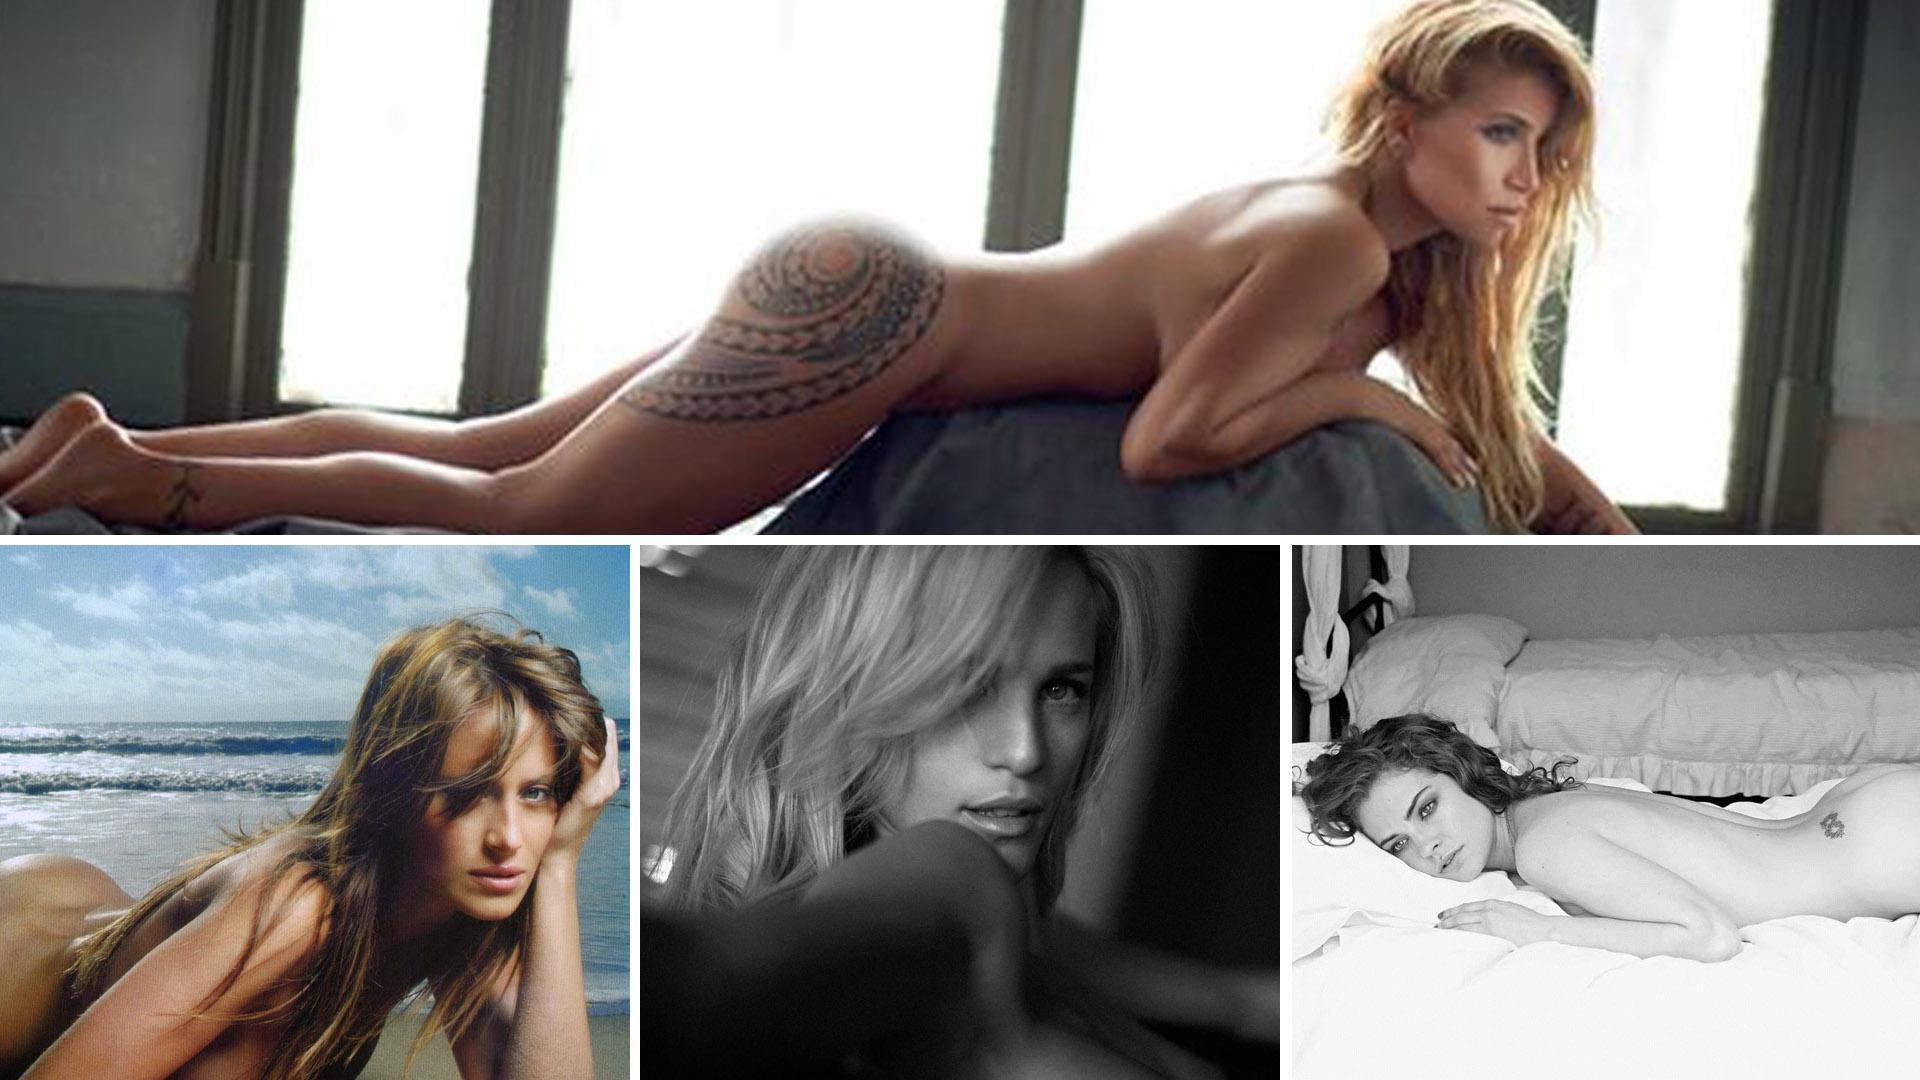 Analia Desnuda 10 actrices que también hicieron producciones al desnudo